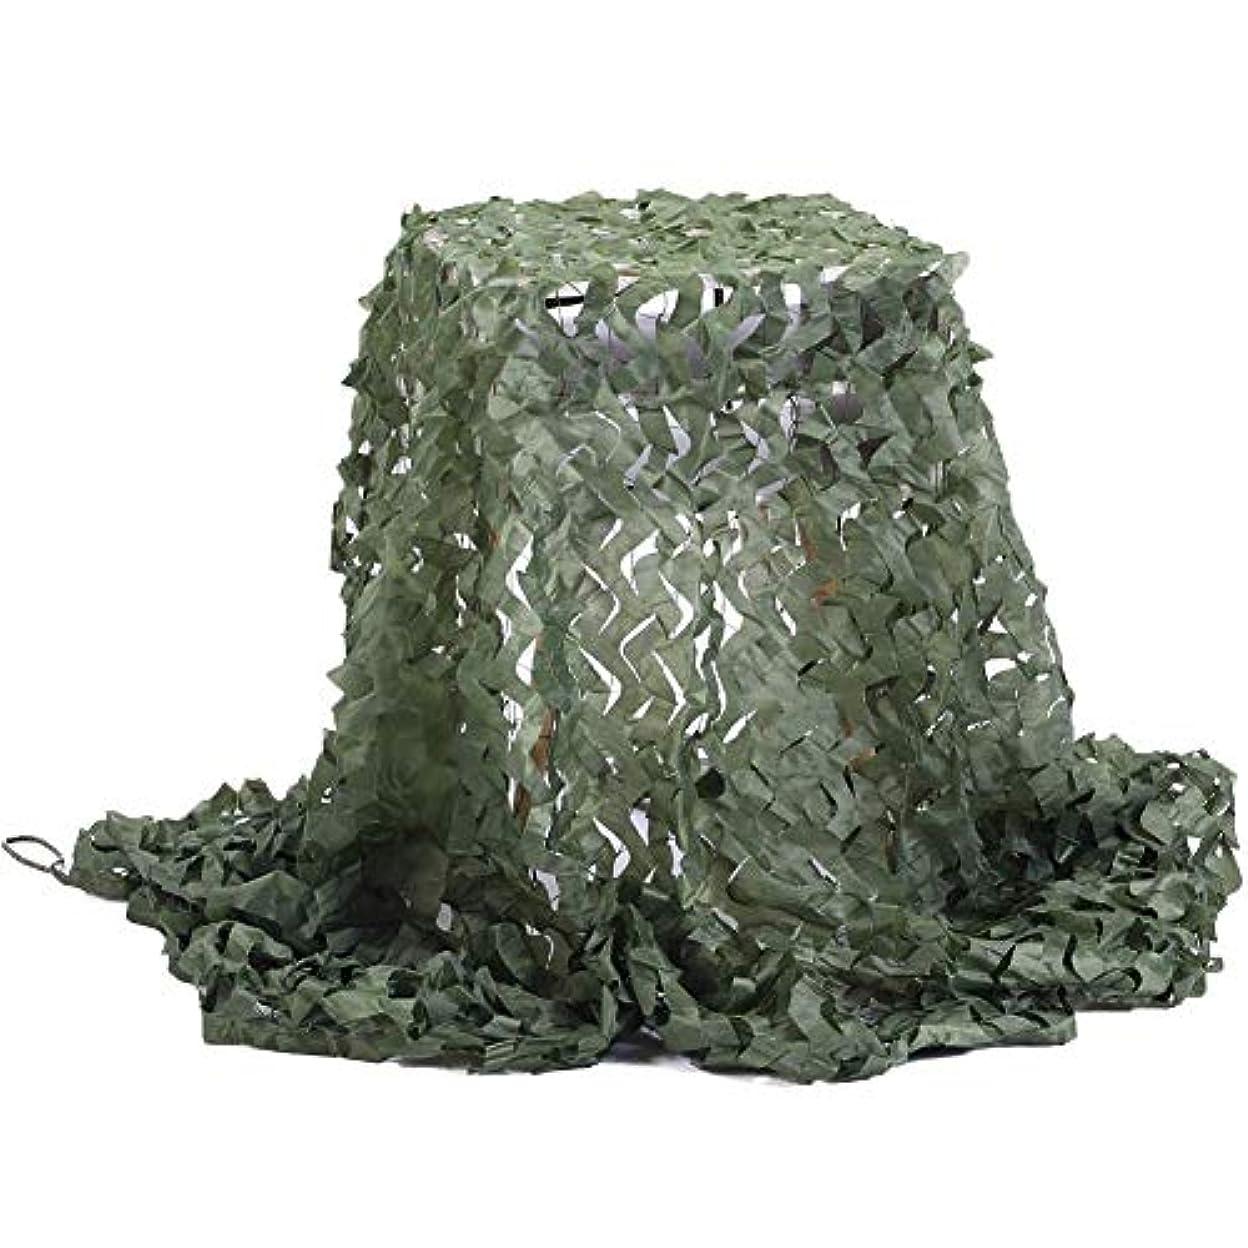 取り戻す促進する混合軽量迷彩ネット、迷彩ネット、サンシェードテント - テーマパーティー用装飾、隠し、覆い、網掛け、舞台の背景、飾る ZHAOFENGMING (色 : 緑, サイズ さいず : 4x8m)